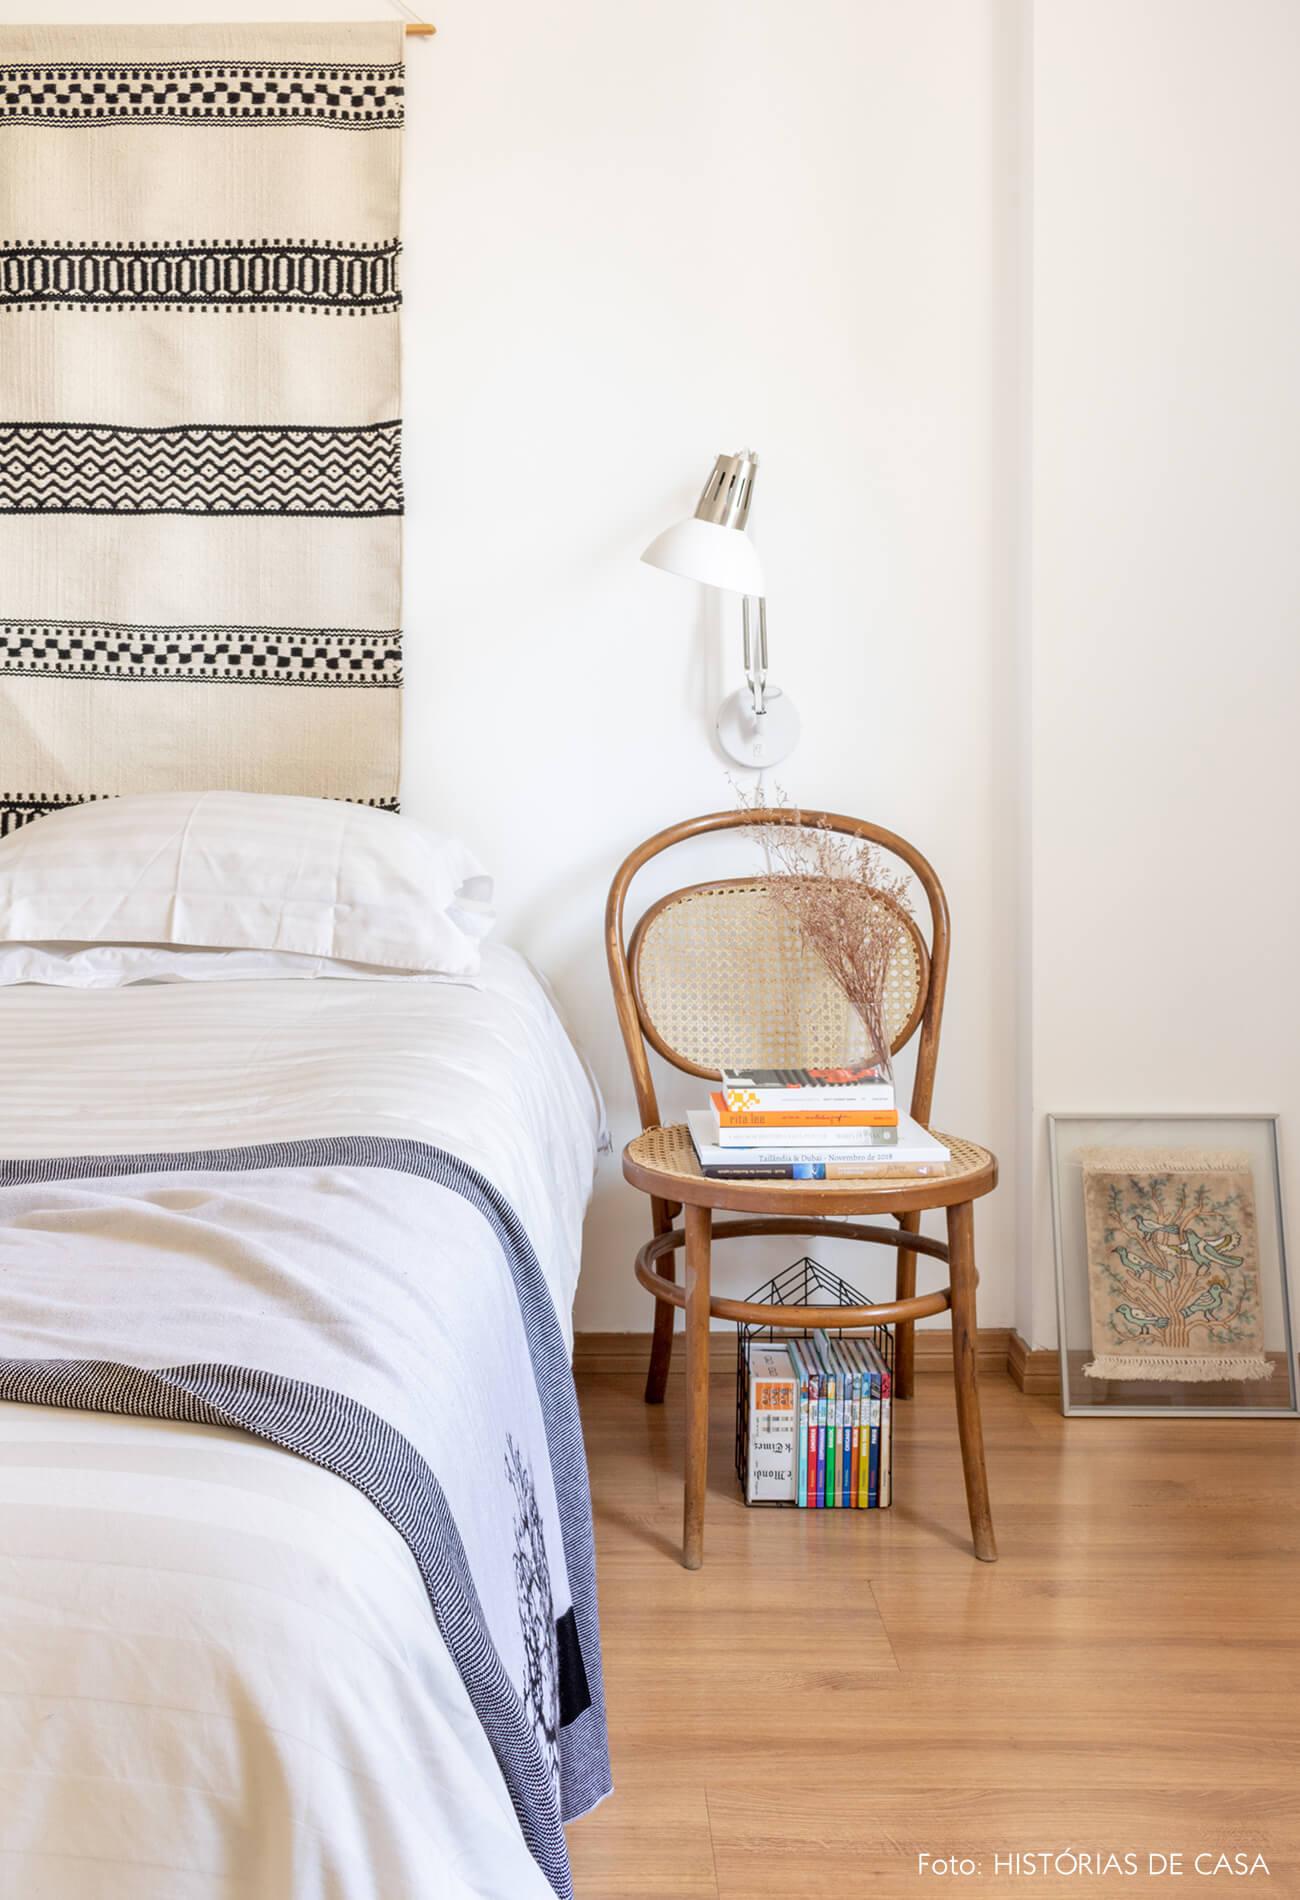 quarto cama cadeira